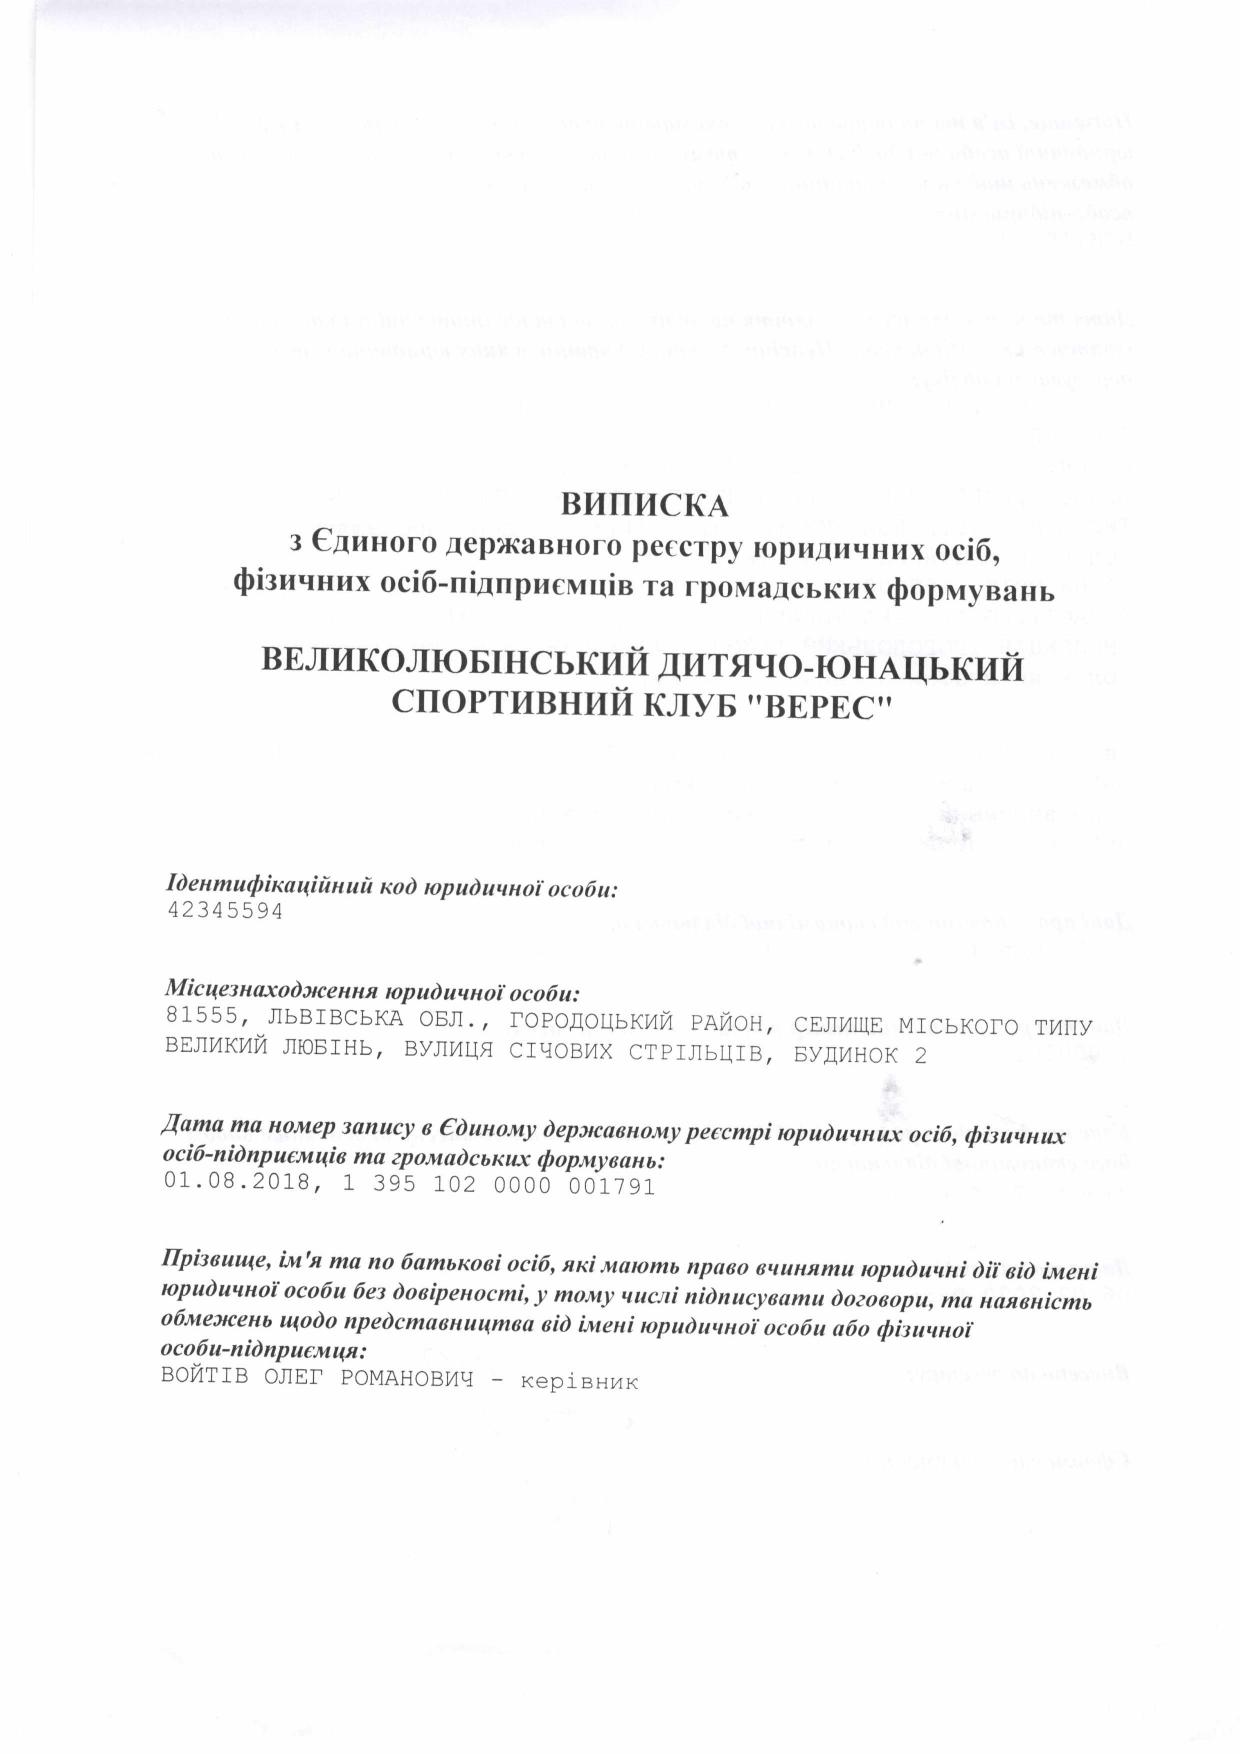 Виписка з Єдиного державного реєстру юридичних осіб, фізичних осіб-підпримців та громадських формувань